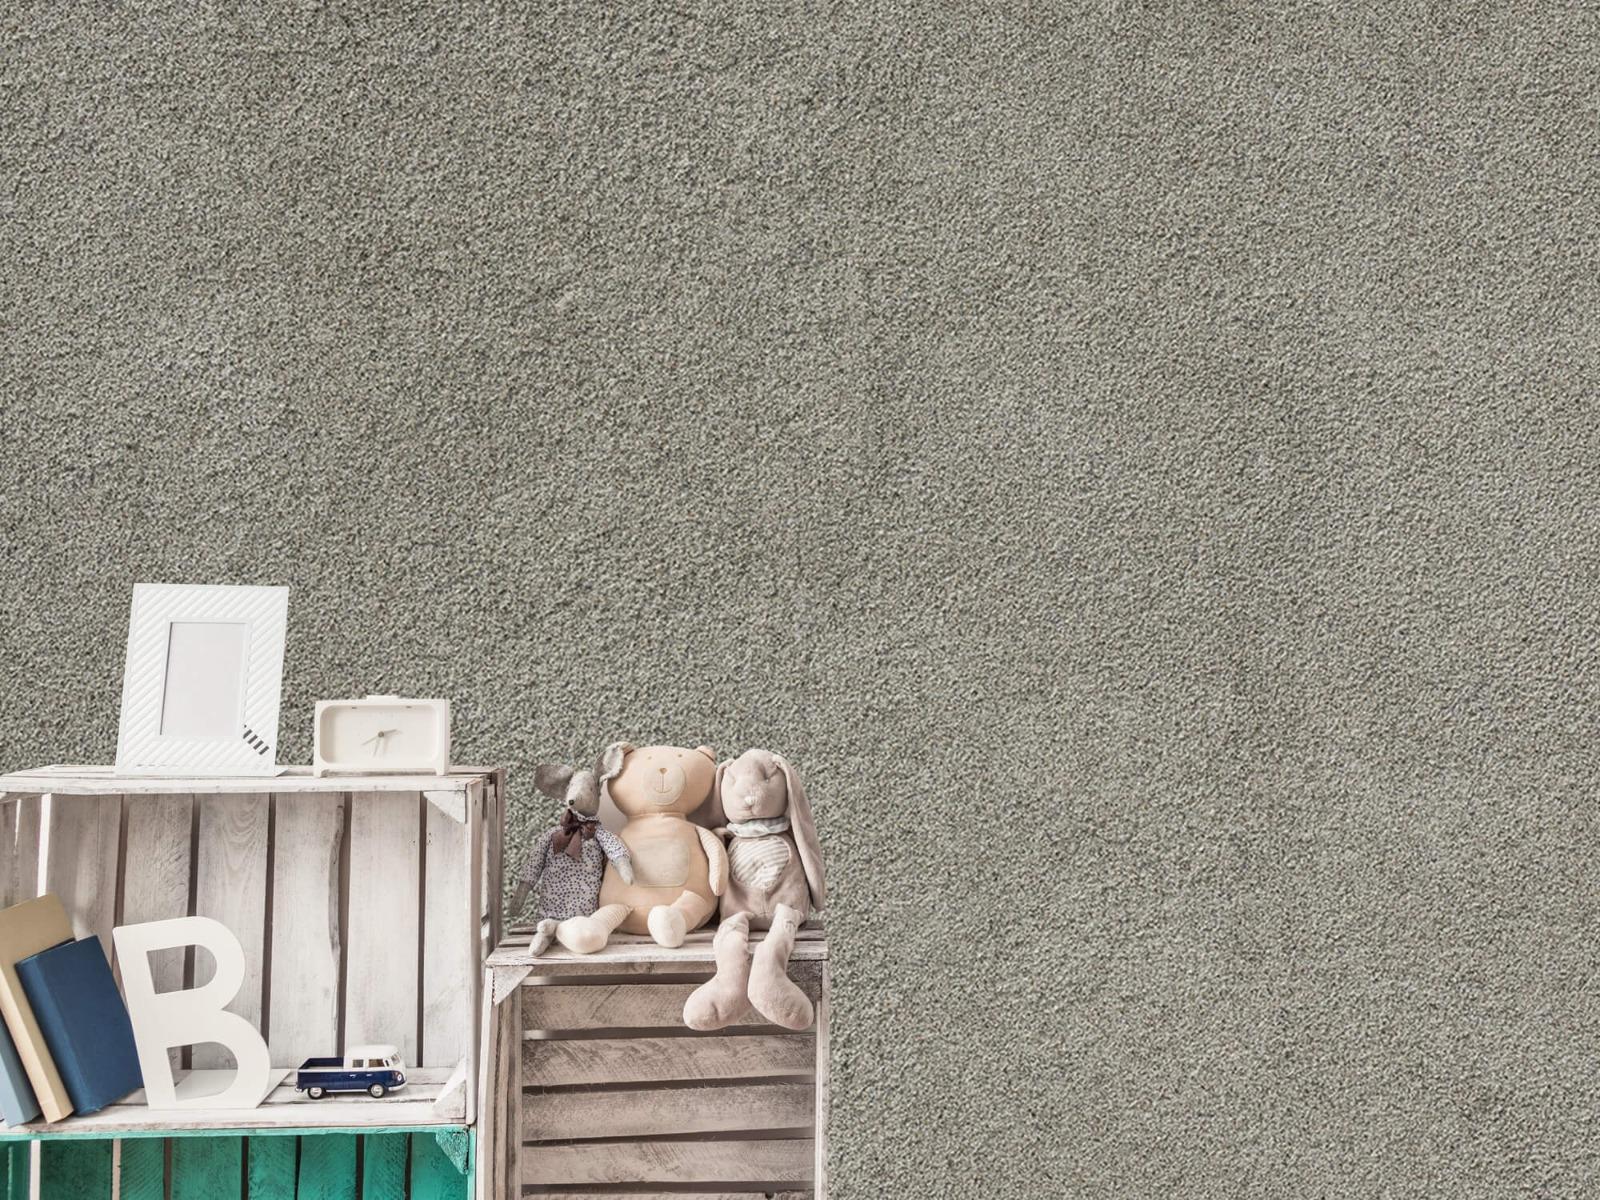 Betonlook behang - Betonnen muur met fijne steentjes - Kantoor 19